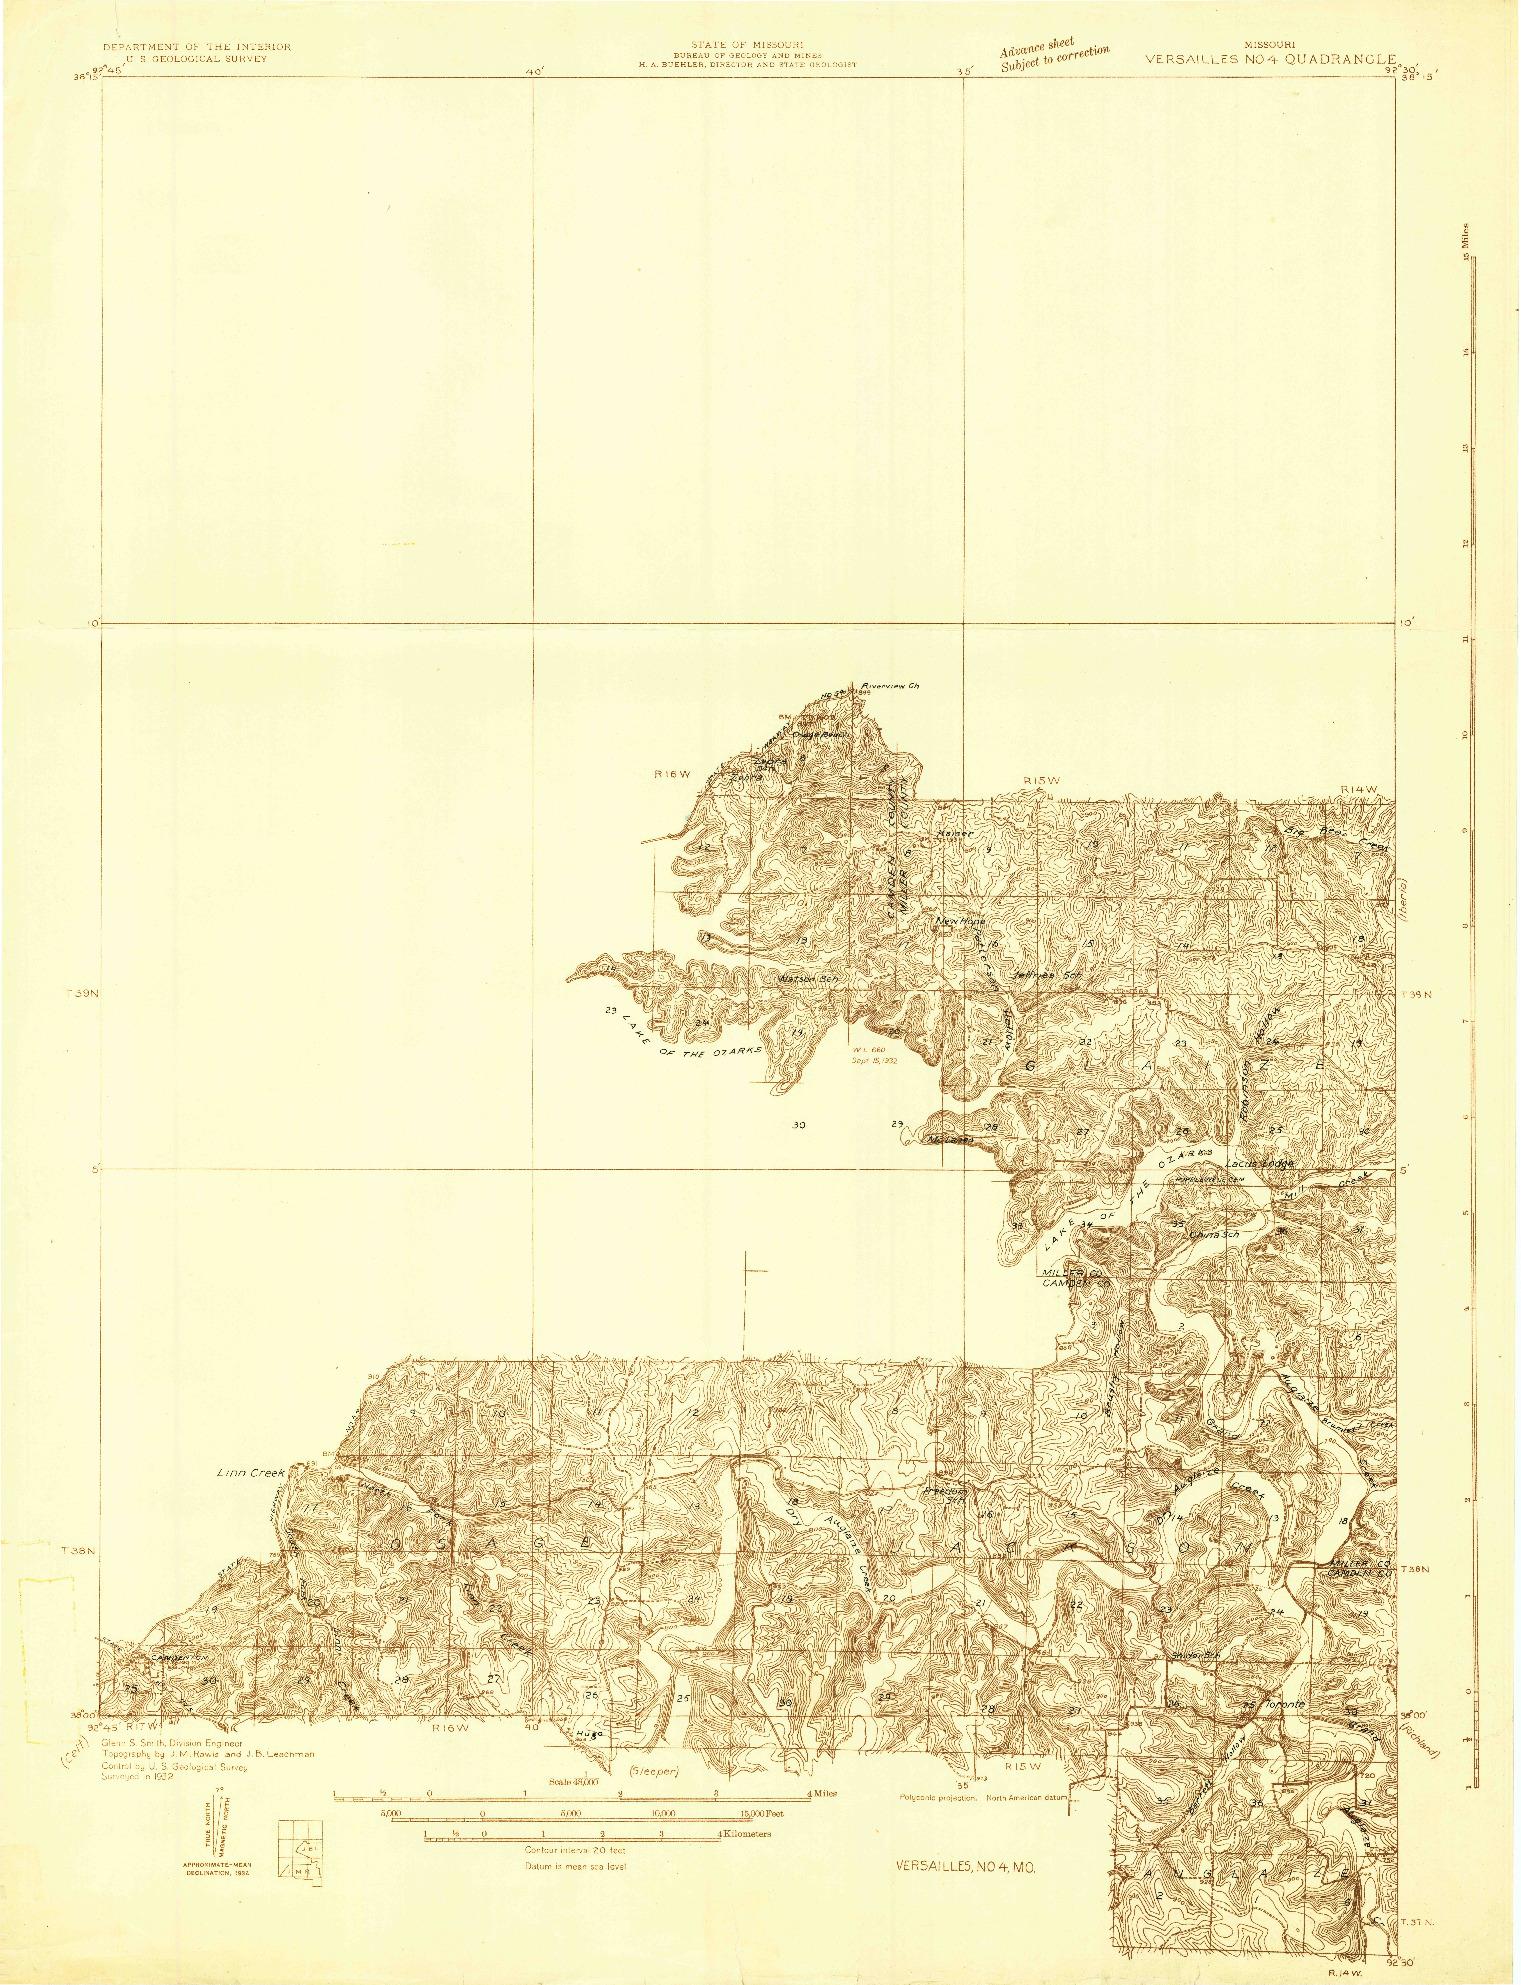 USGS 1:48000-SCALE QUADRANGLE FOR VERSAILLES NO 4, MO 1932